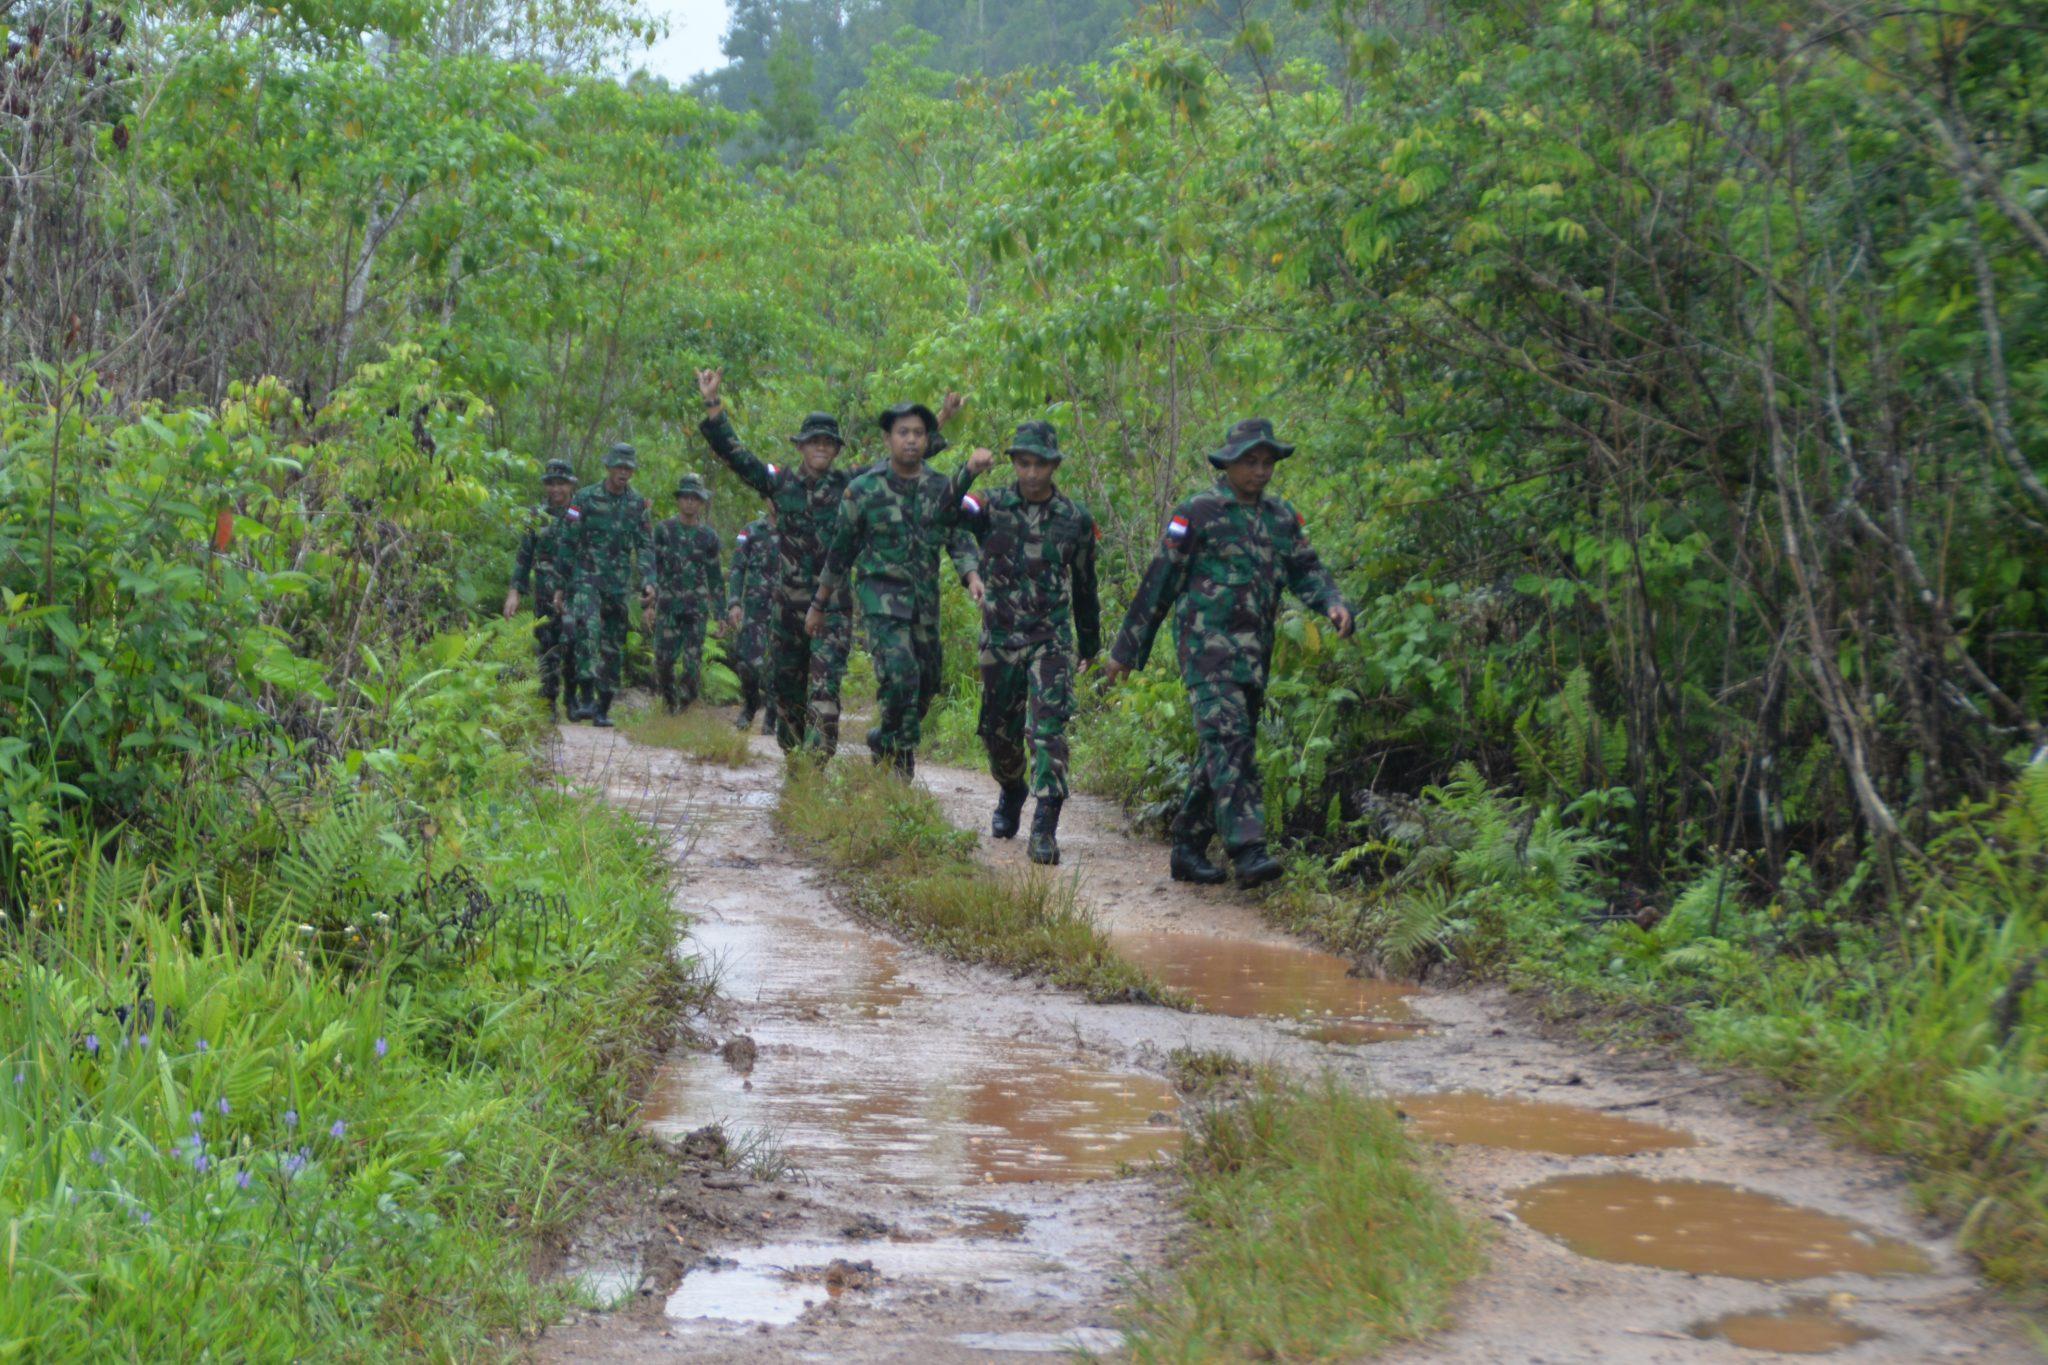 Menjaga Profesionalisme Prajurit, Kosekhanudnas IV Laksanakan Minggu Militer